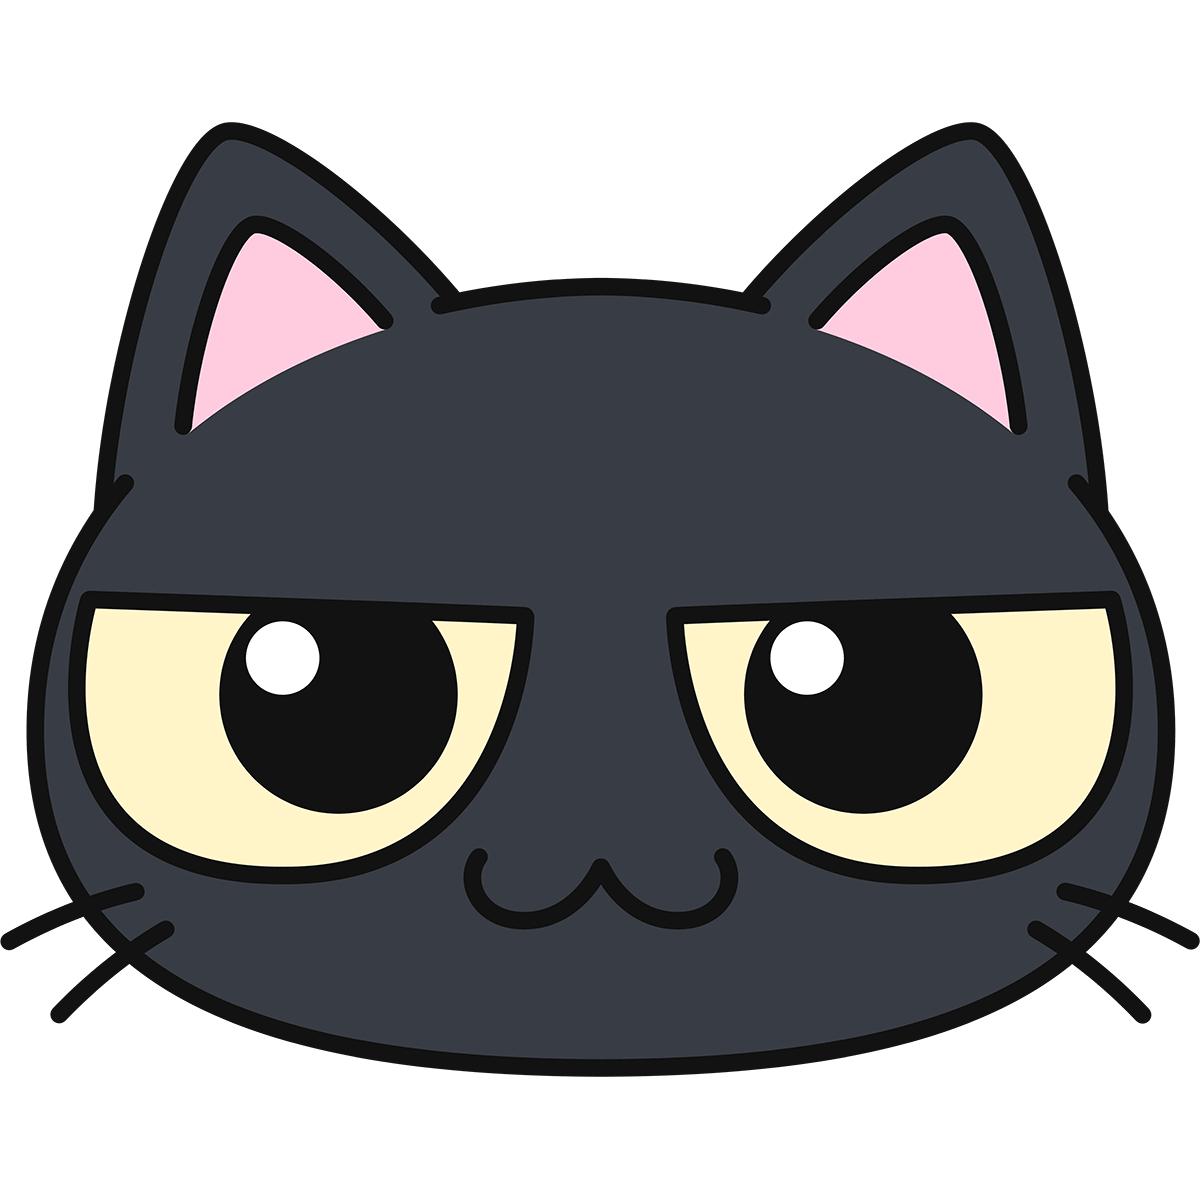 黒猫の顔の無料イラスト